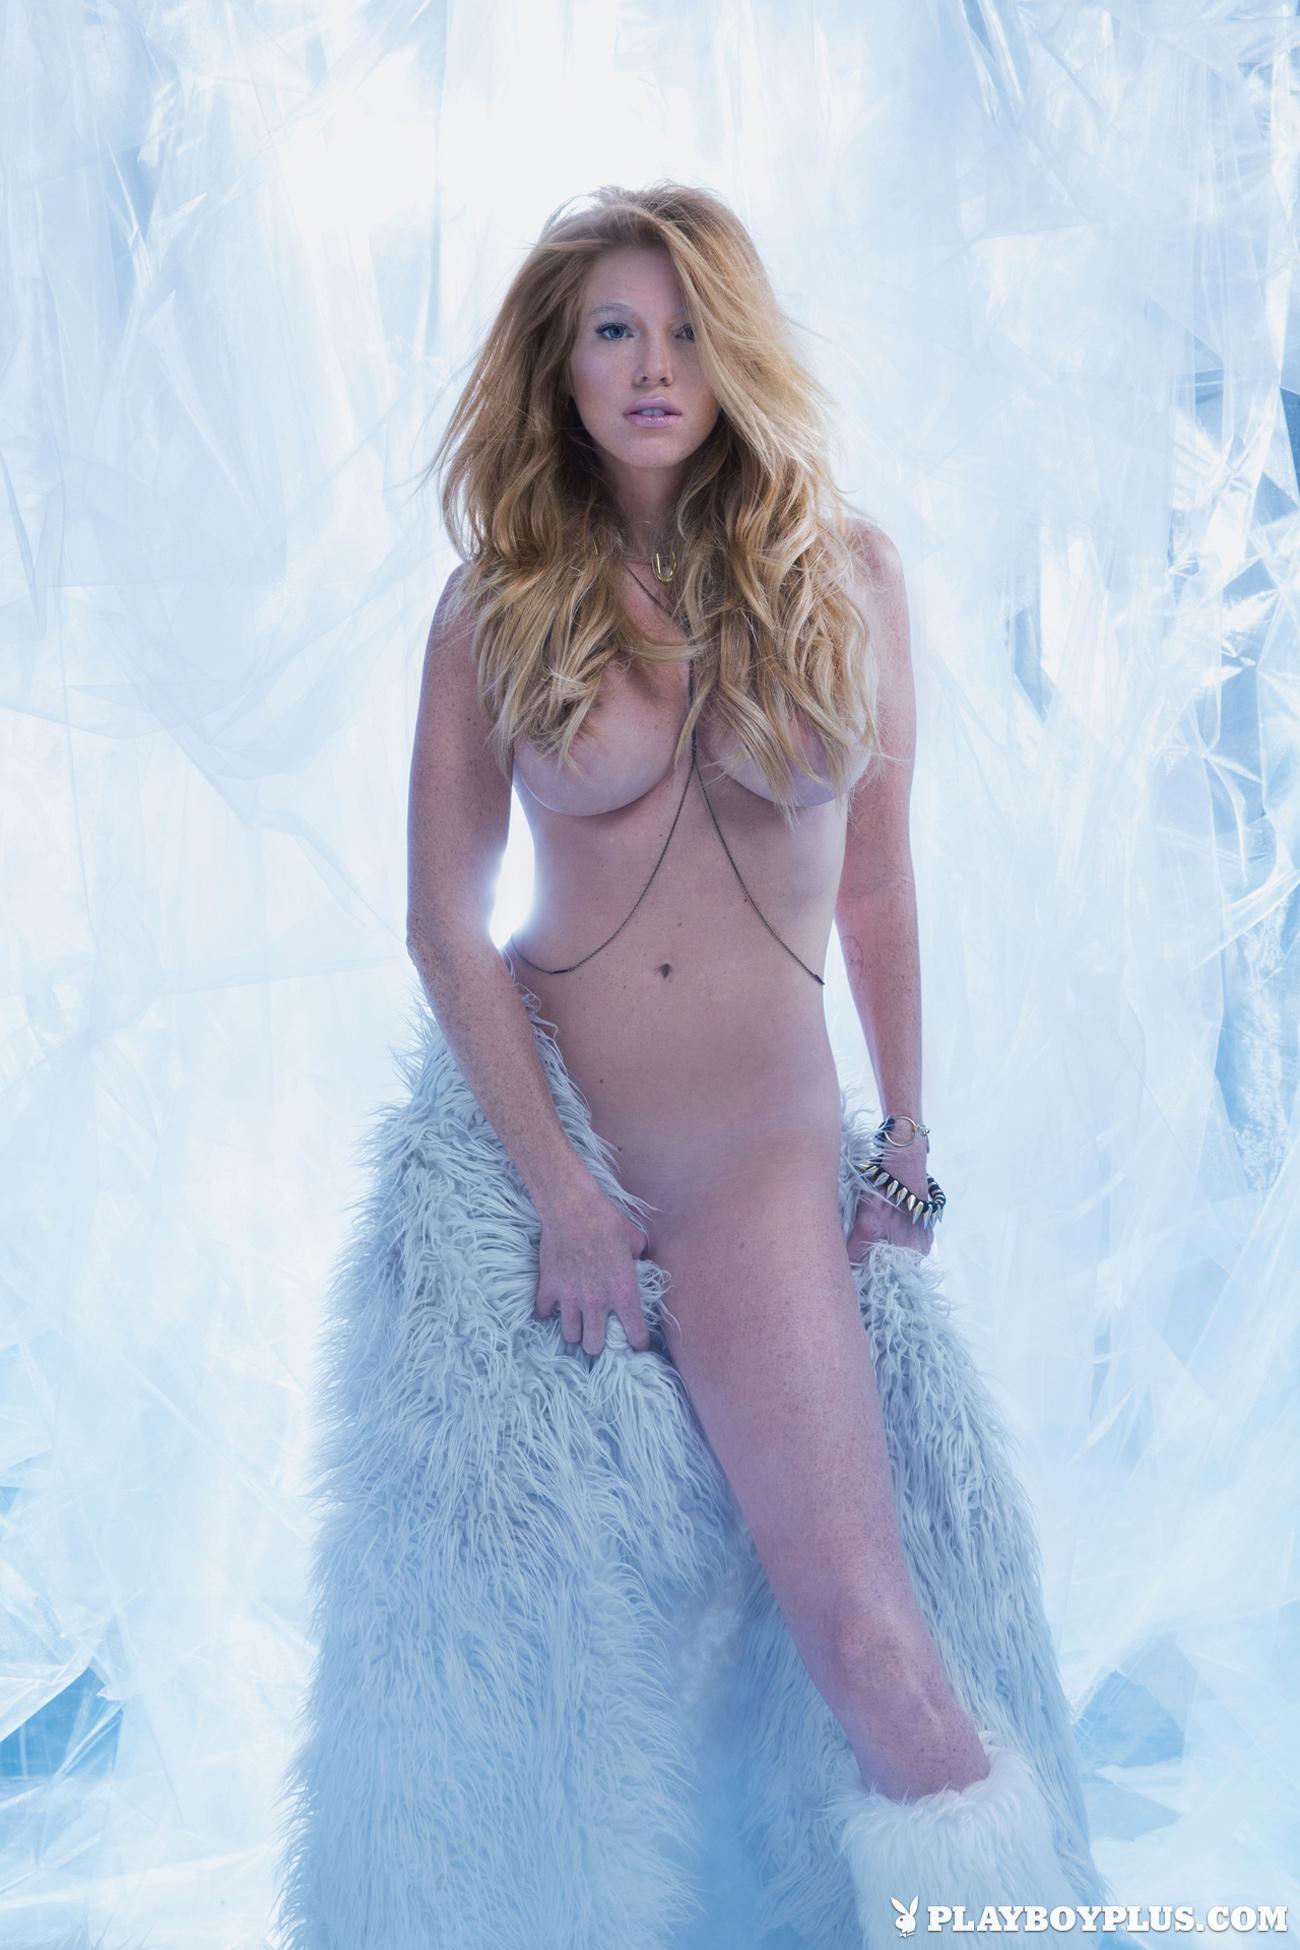 elizabeth-ostrander-redhead-ice-nude-playboy-01